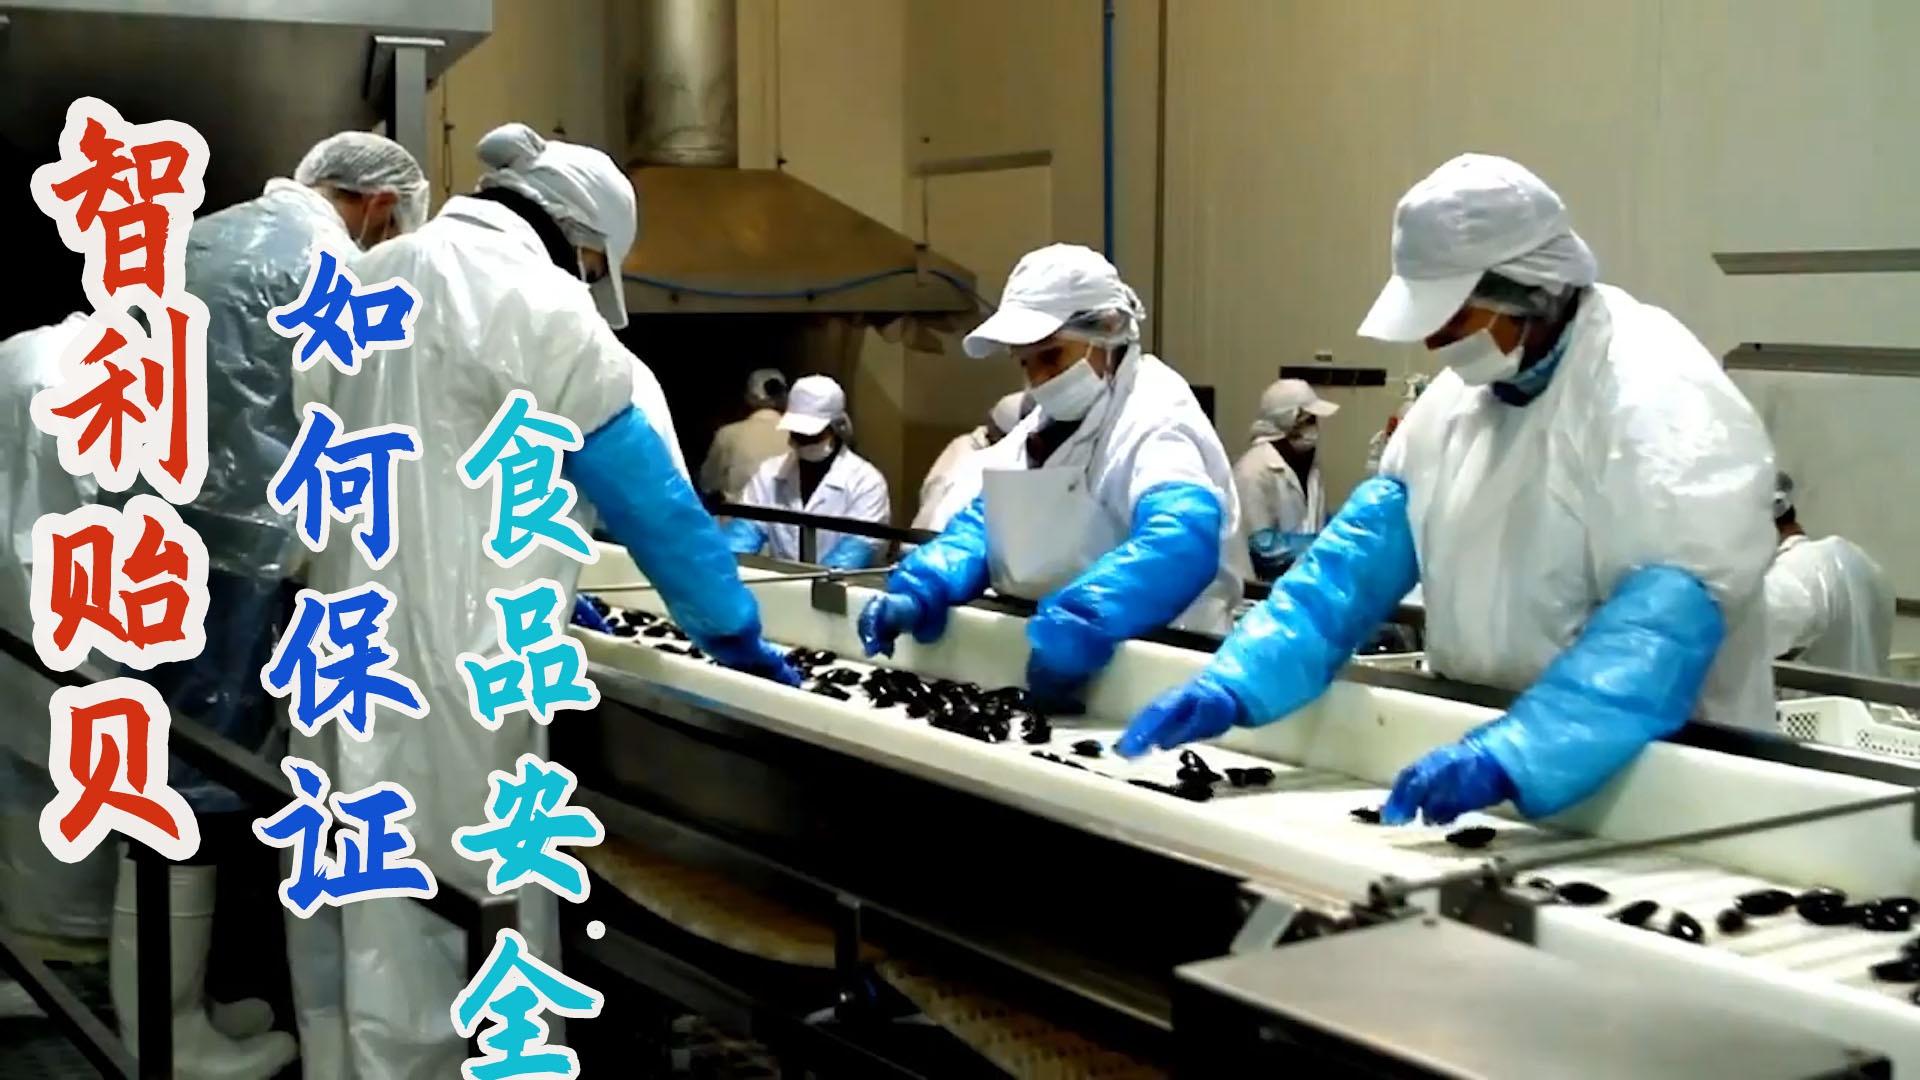 智利贻贝现代化加工厂,工人戴口罩穿防护服确保贝肉无污染!